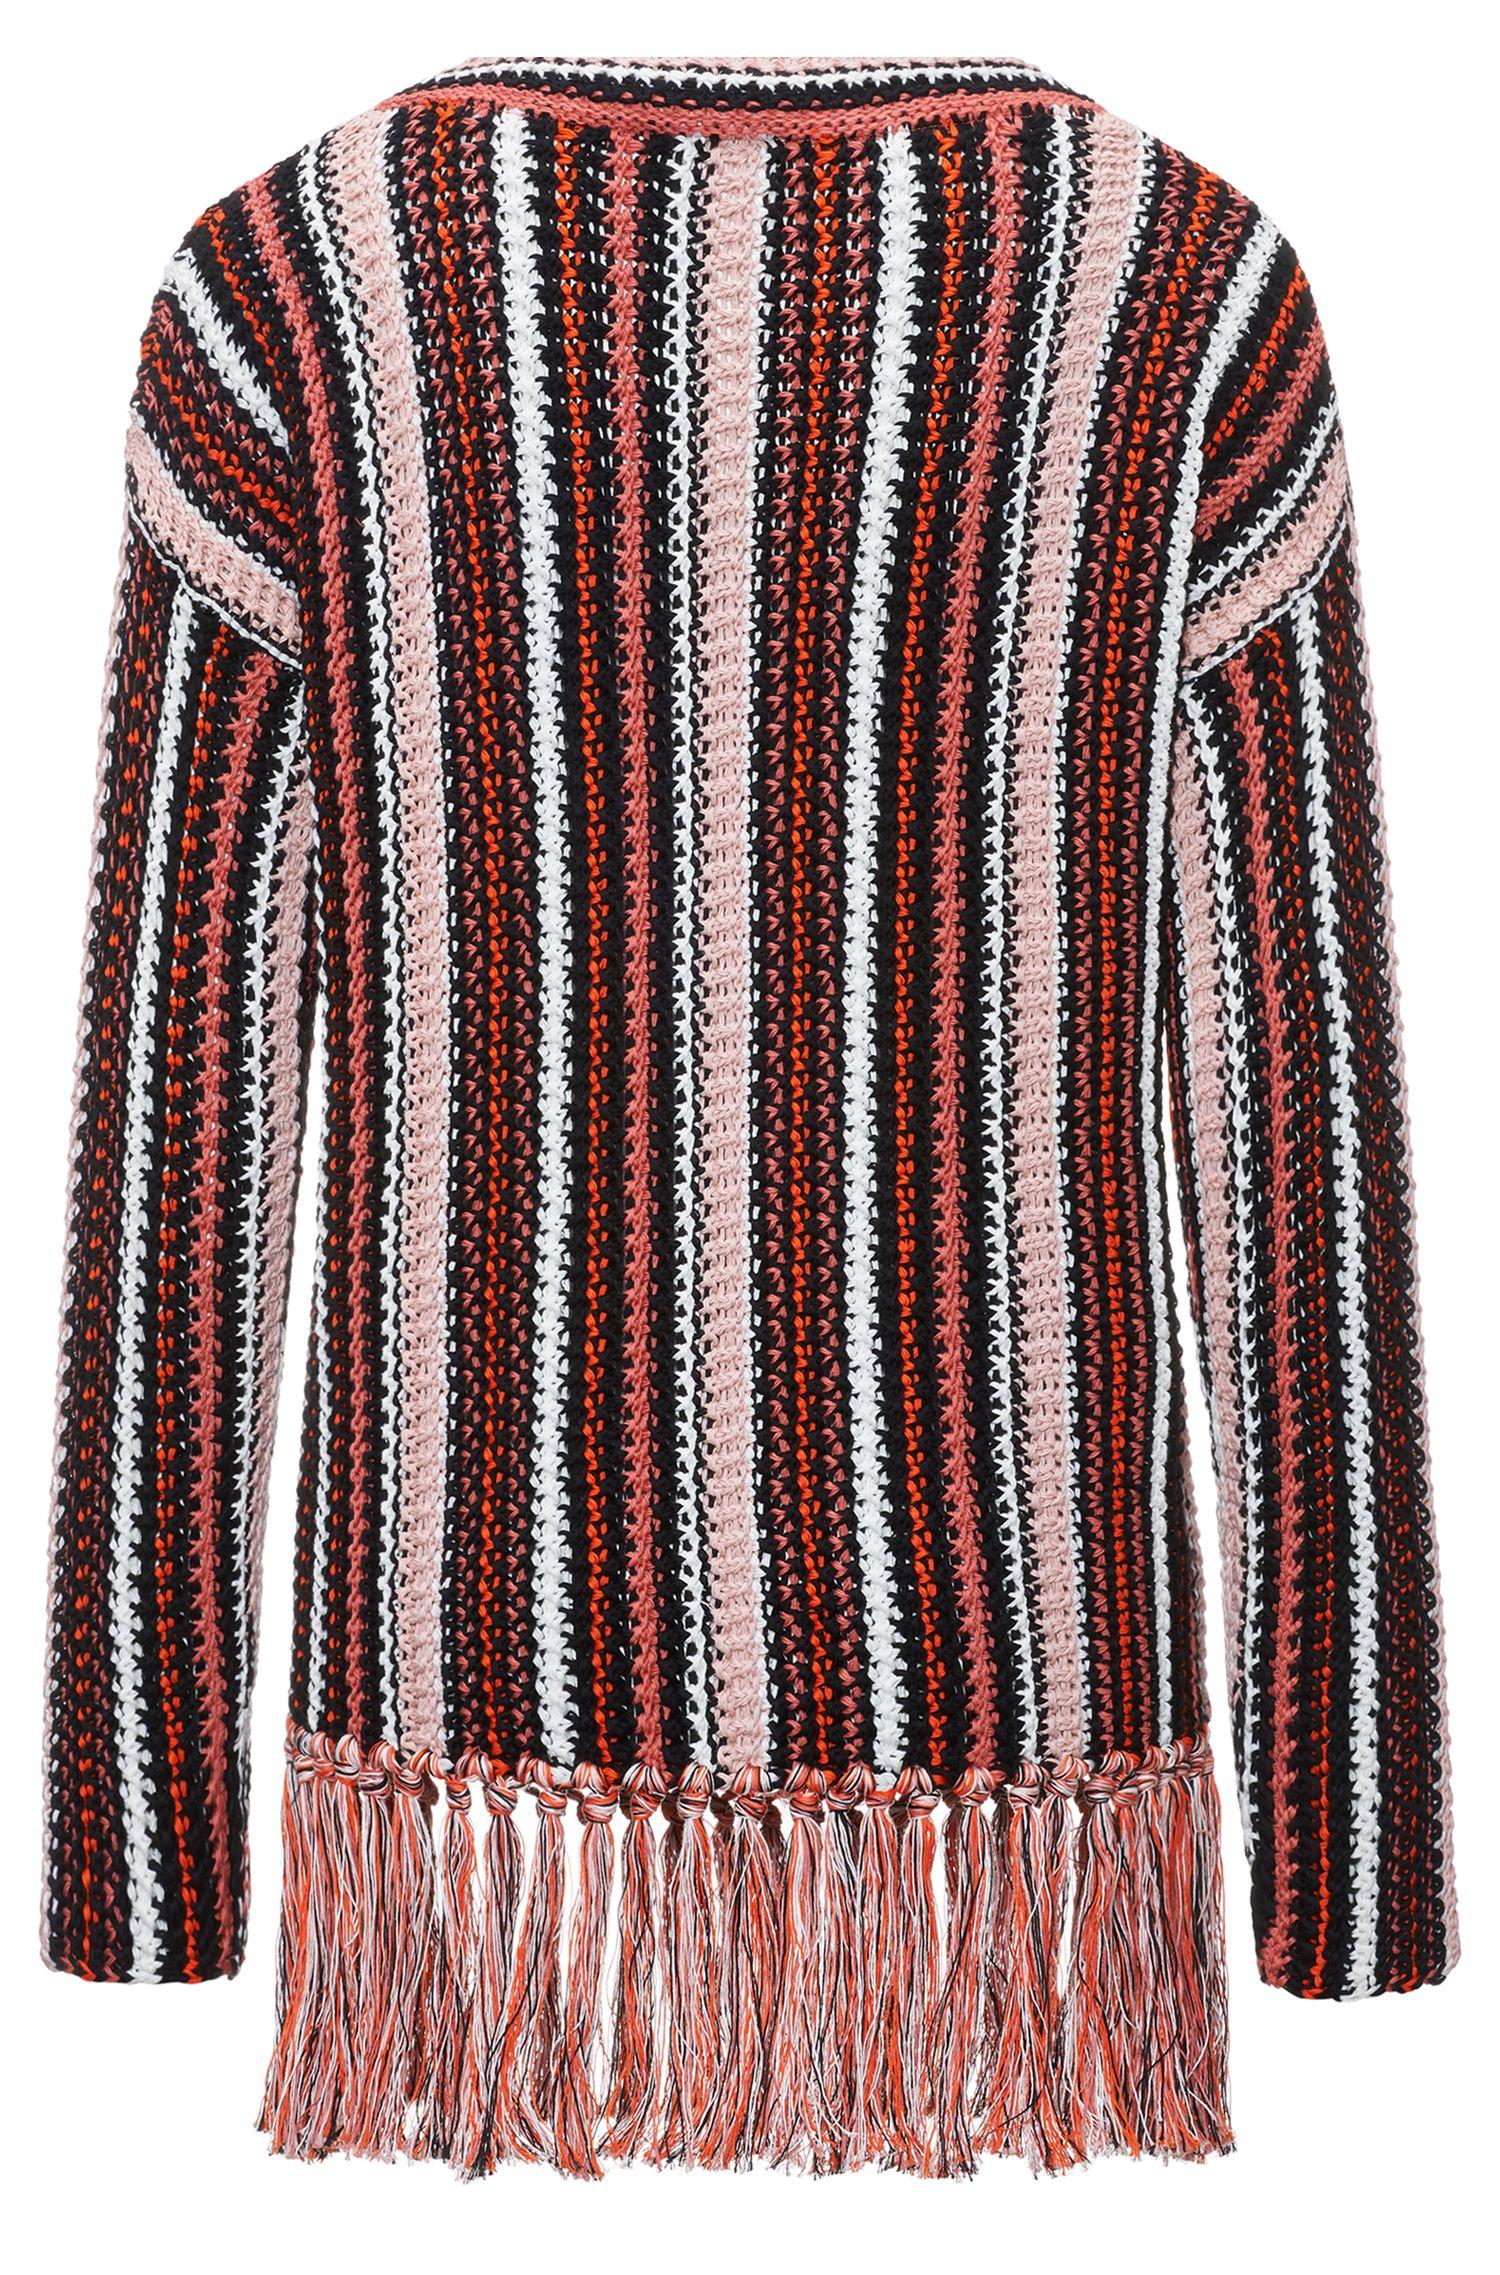 Pull oversize à rayures en coton avec franges confectionnées à la main